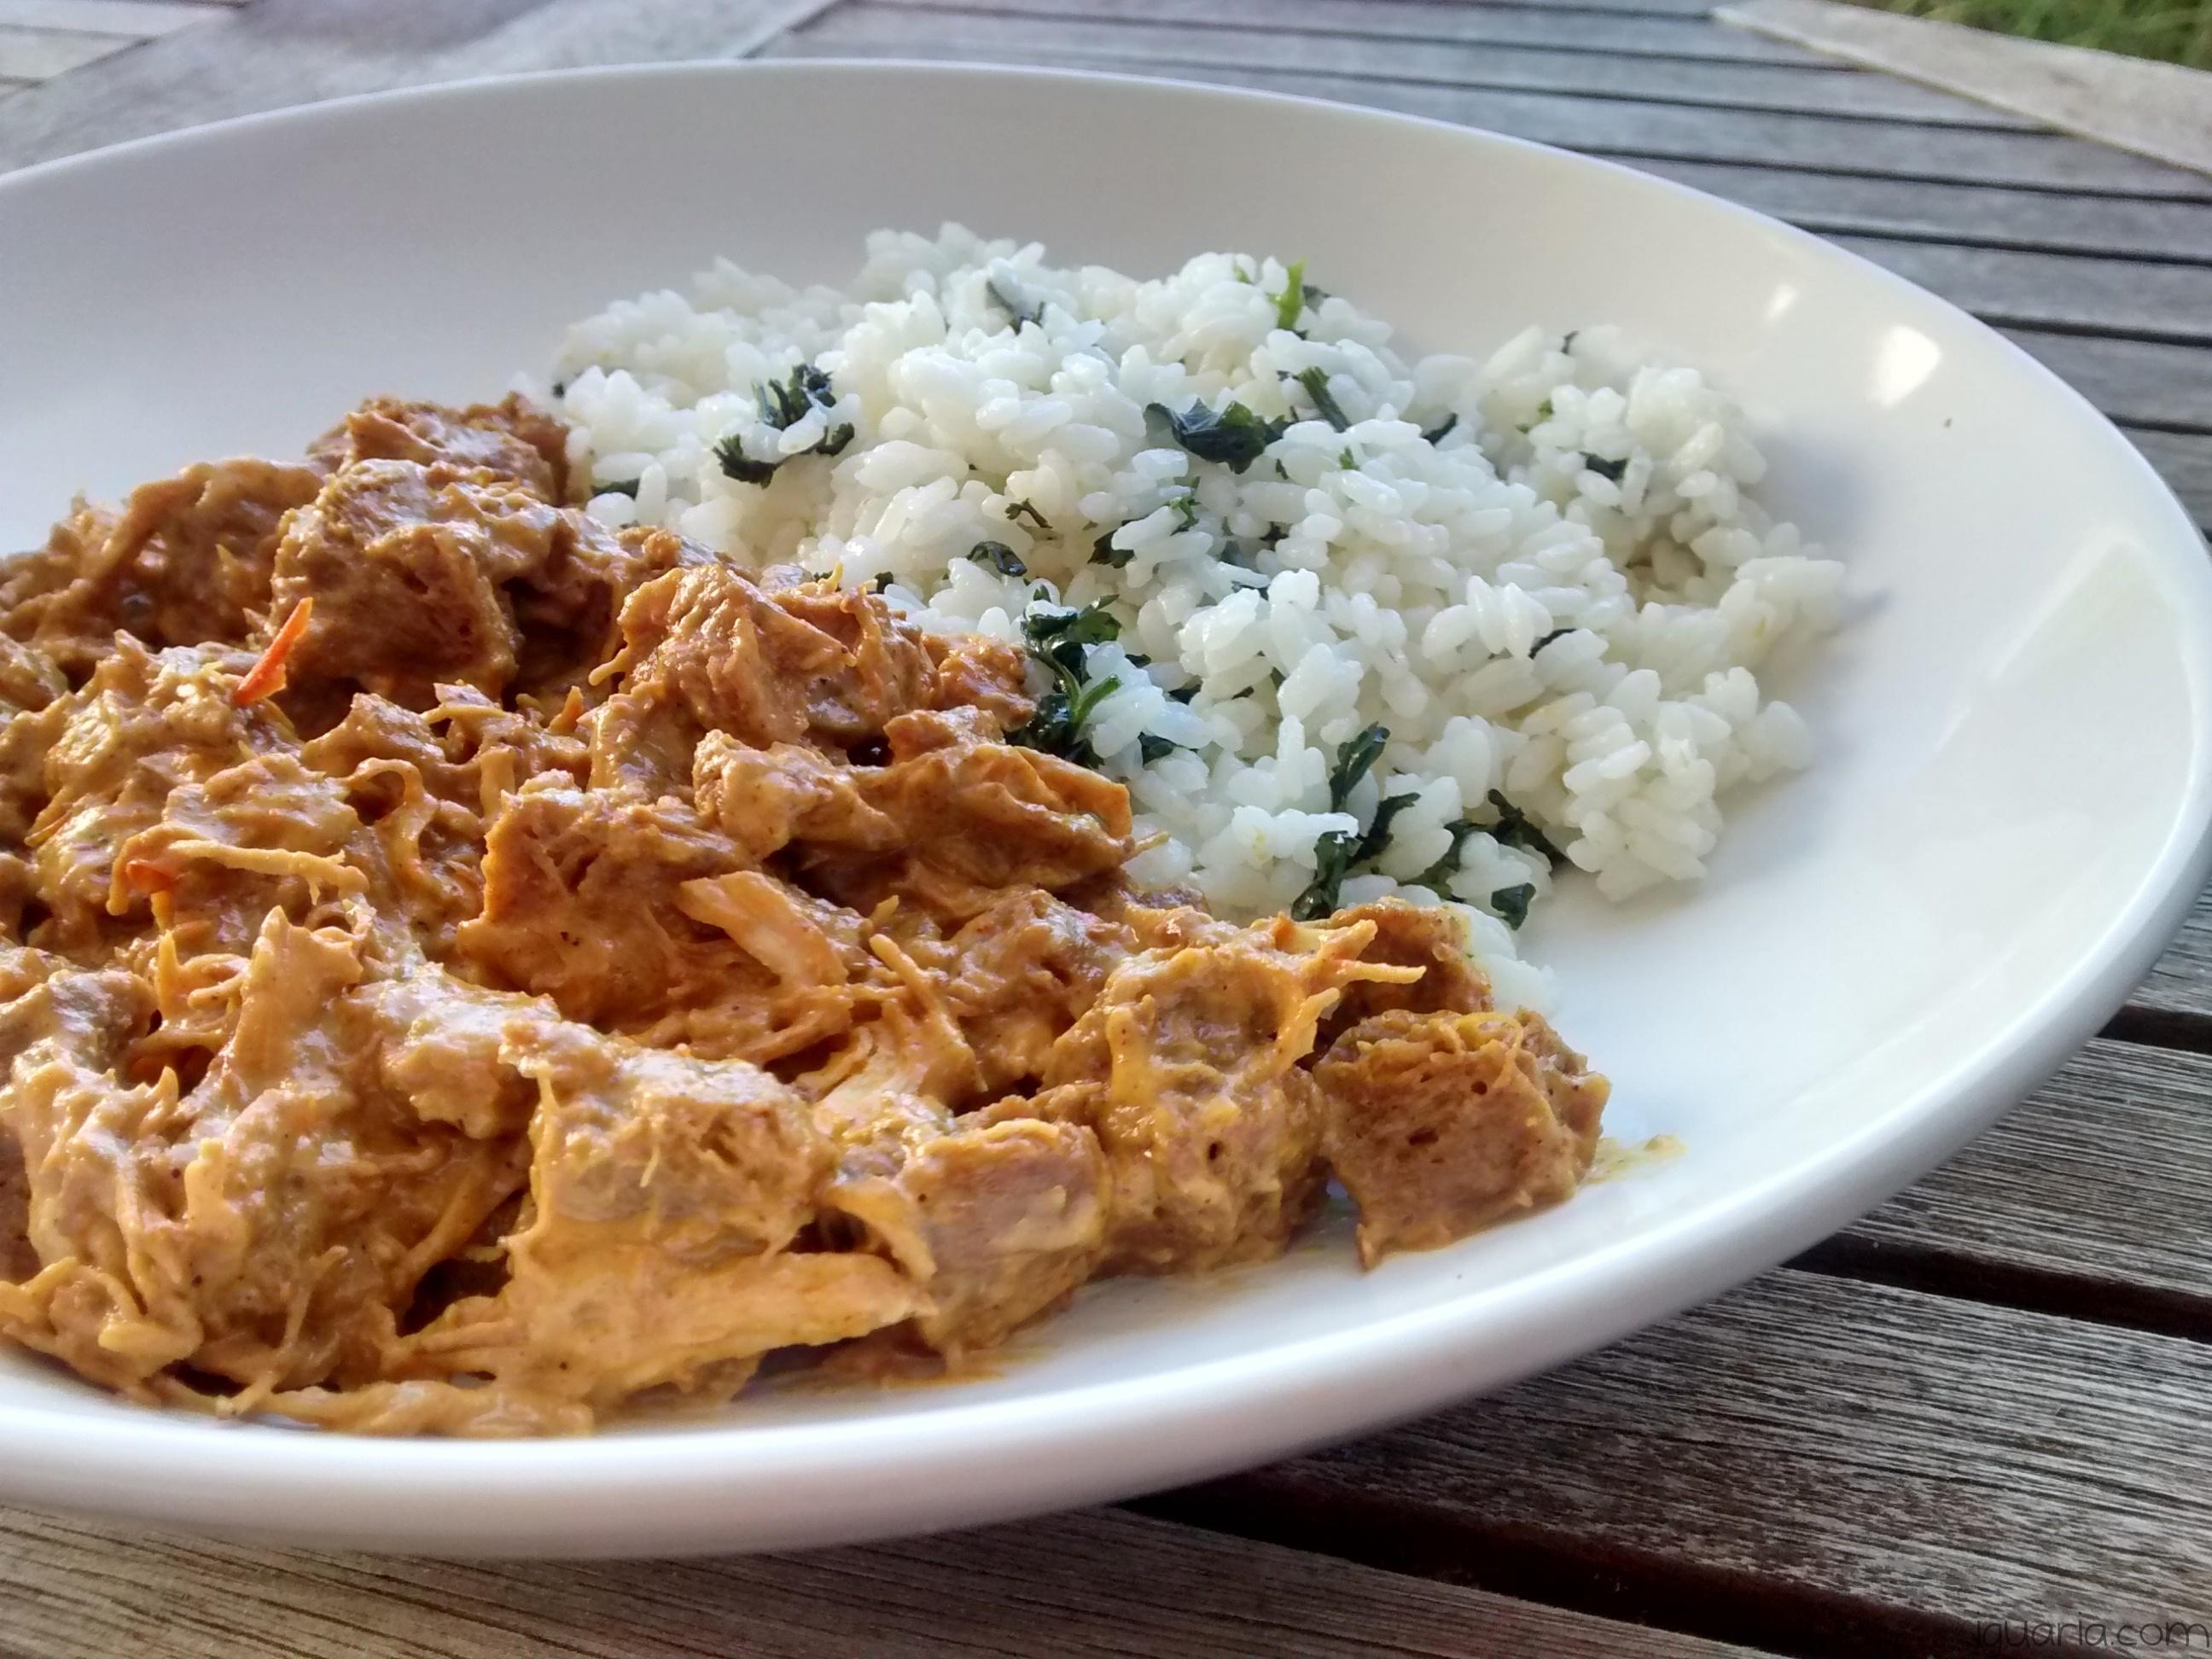 iguaria-creme-de-soja-com-arroz-de-coentros